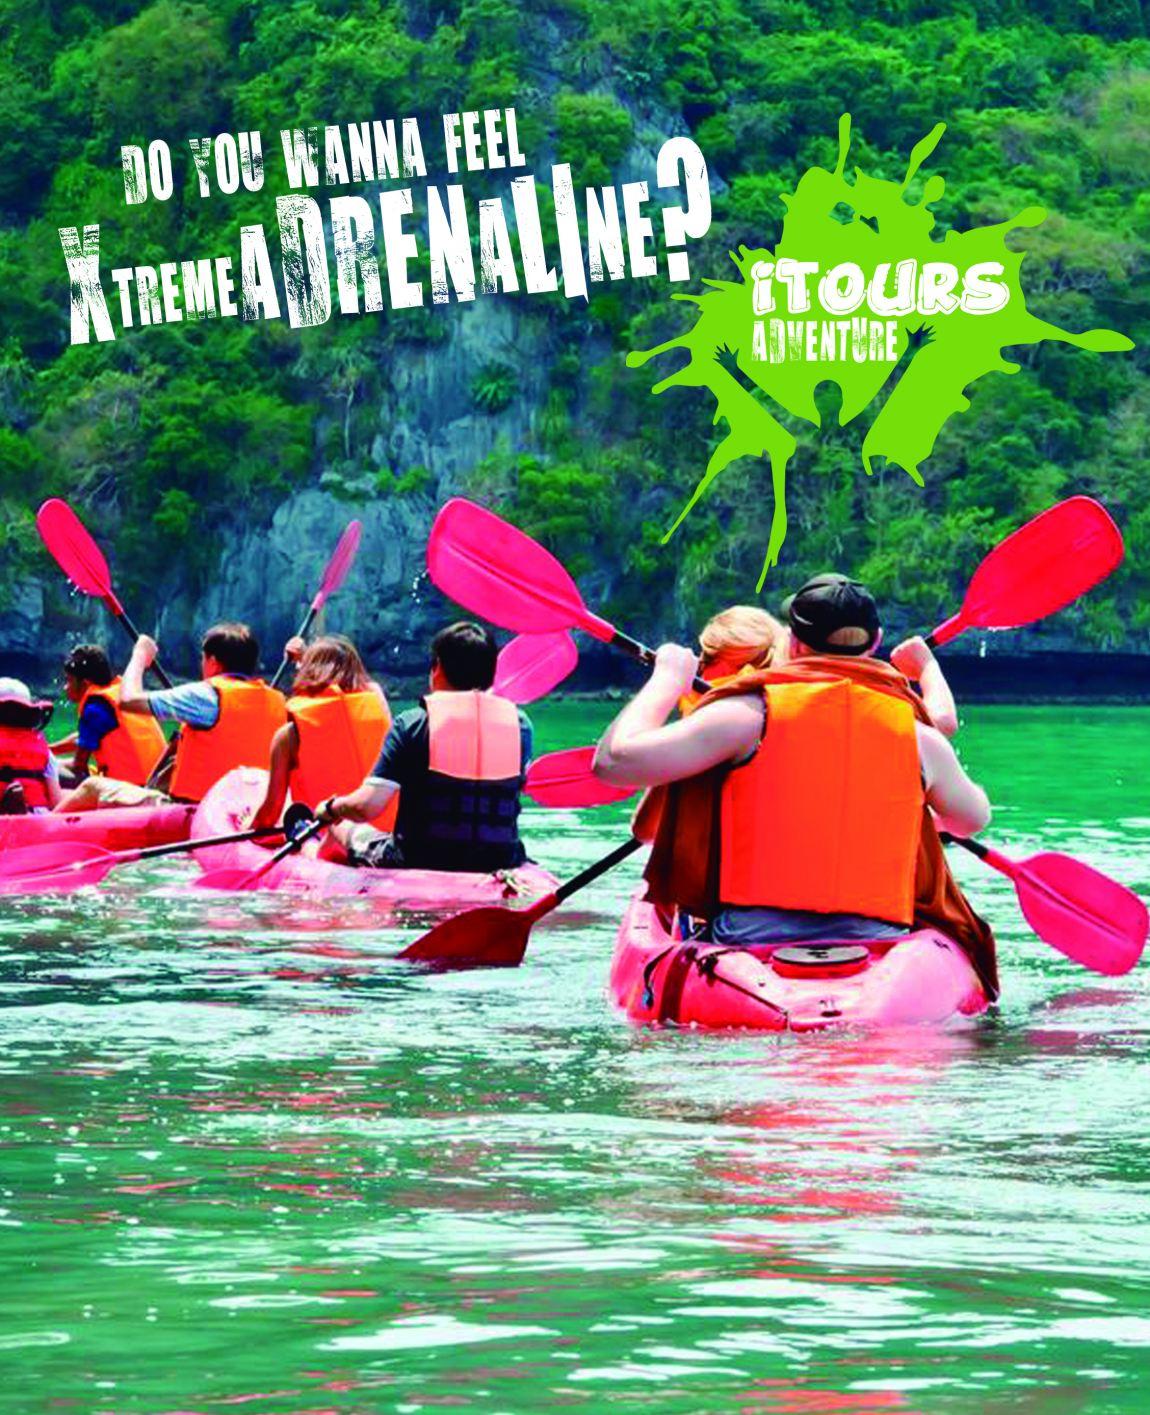 Itours, ¡la aventura sobre el kayak!